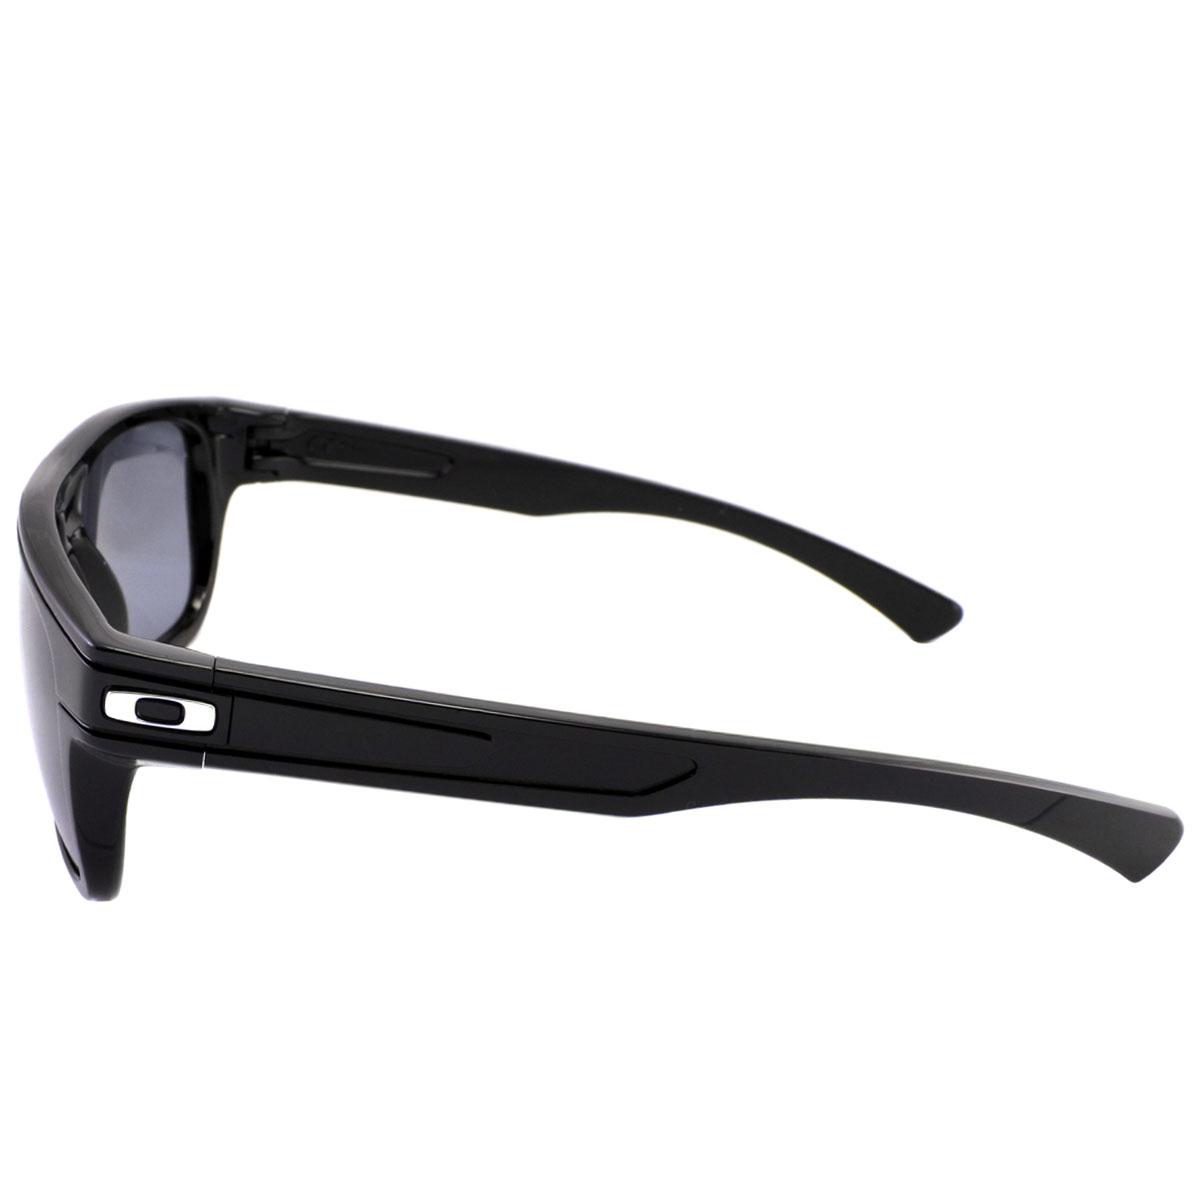 Óculos Oakley Breadbox Polished Black Lente Warm Grey ref OO9199-01 b31ae95356